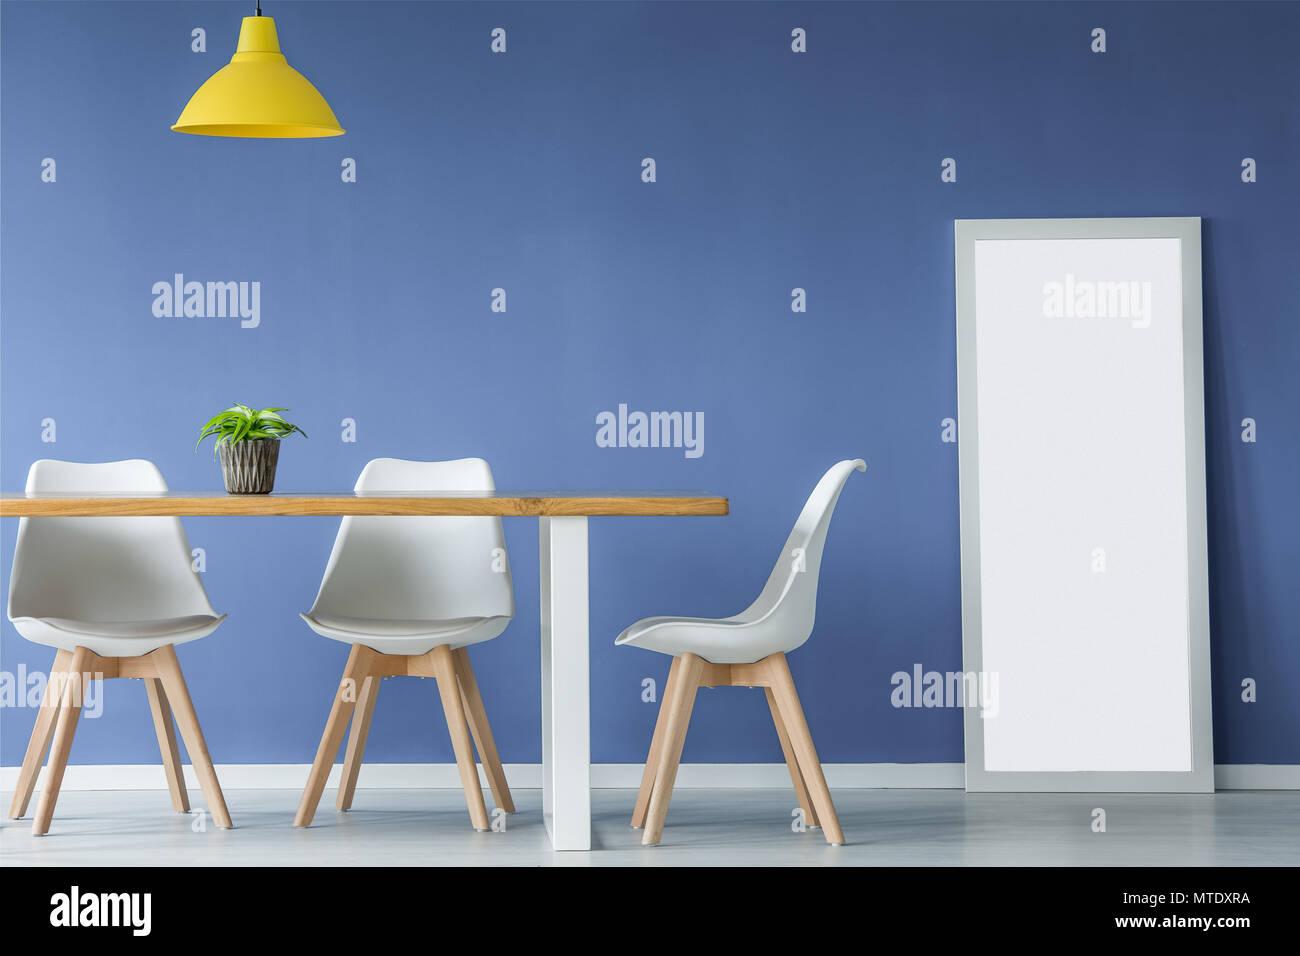 Moderner, offener Raum Einrichtung mit weißen und Stühlen aus Holz, Tisch mit einem Werk auf der Oberseite, gelbe Lampe und Spiegel stehend gegen blaue Wand Stockbild